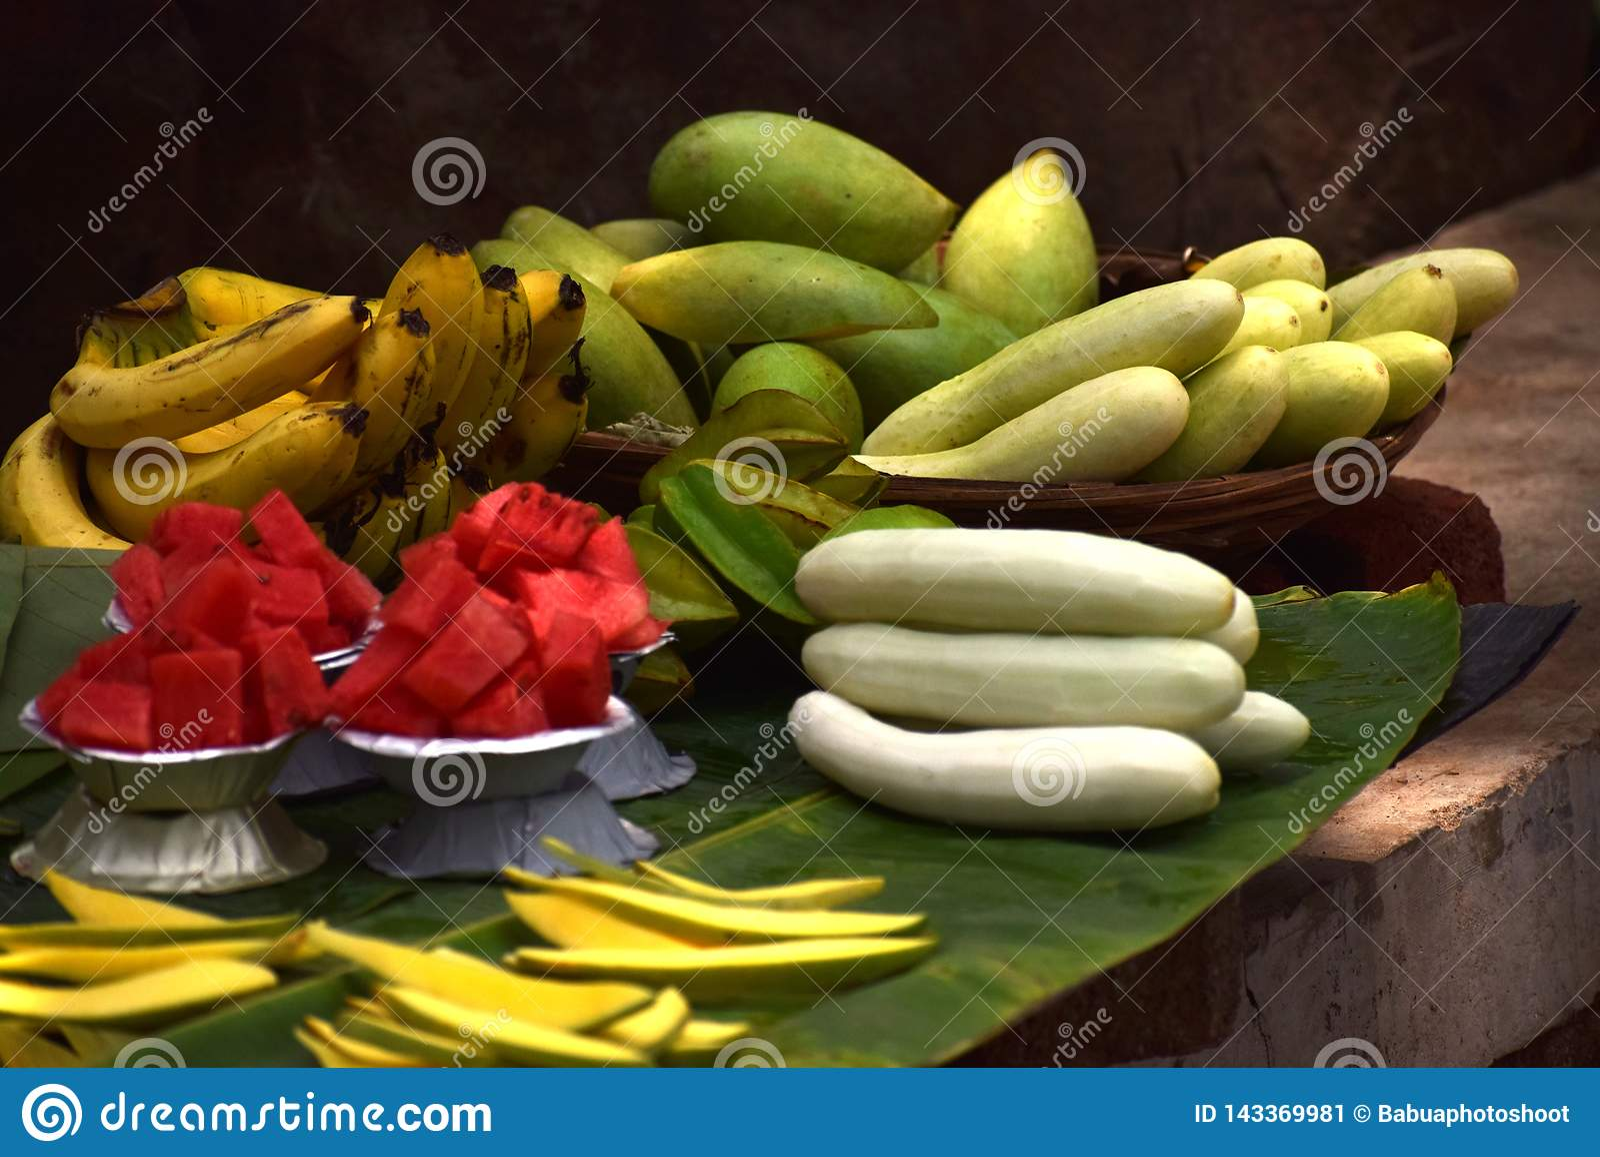 Een schotel van yummy verse vruchten